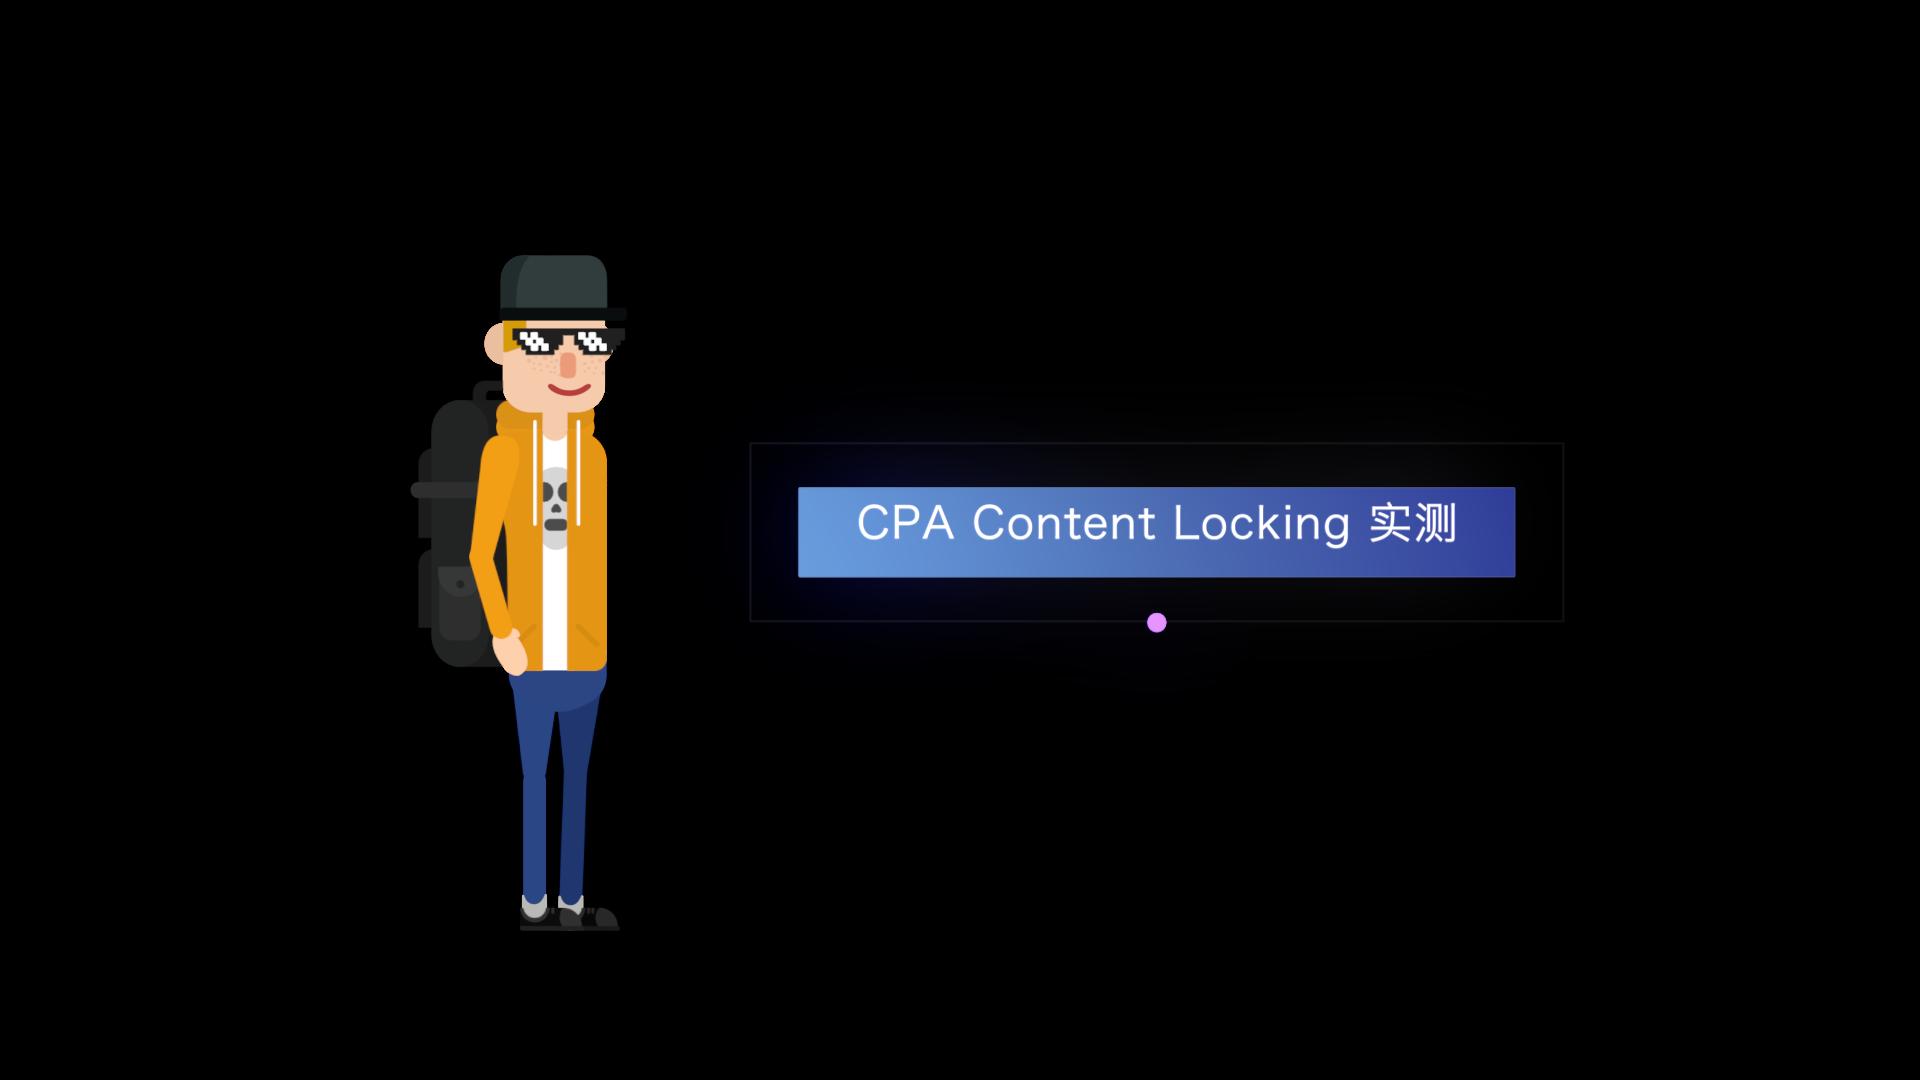 CPA Content Locking